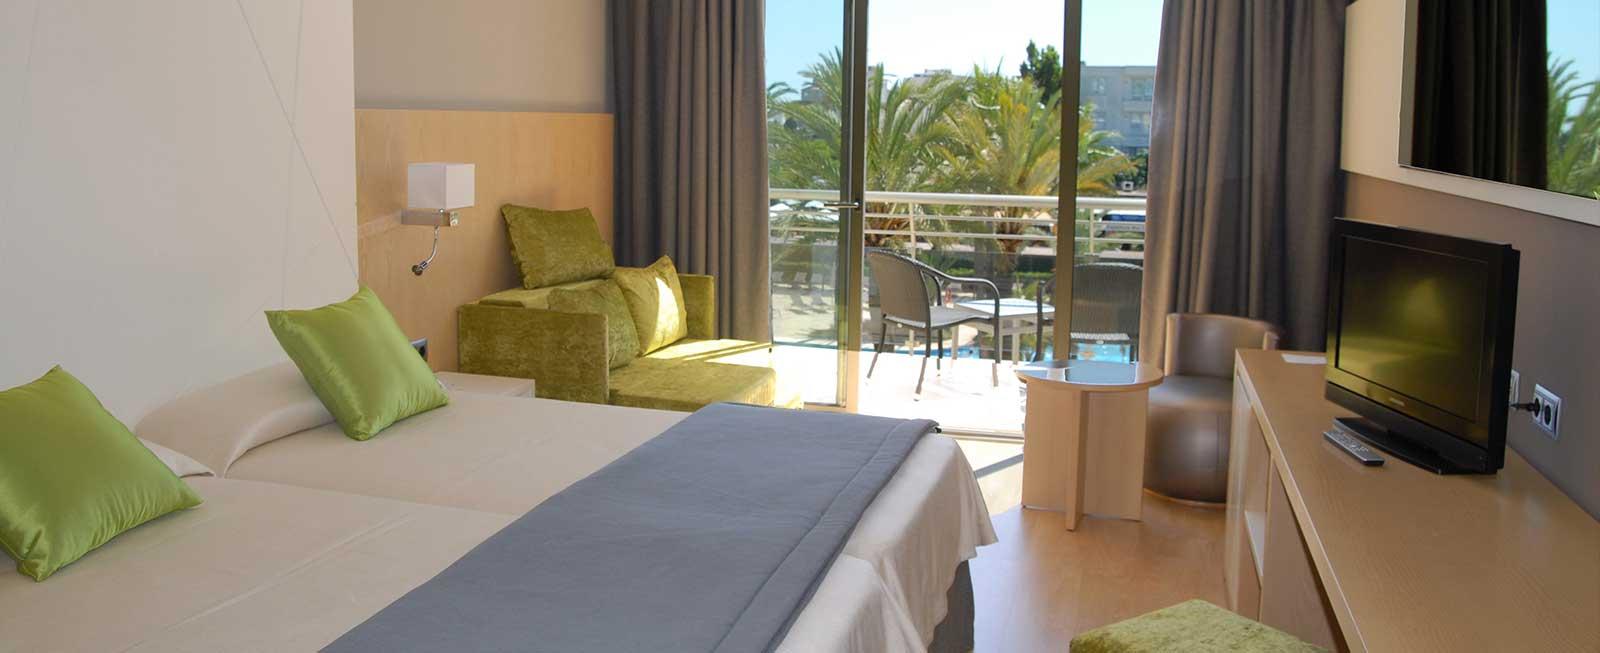 Doble Protur Sa Coma Playa Hotel